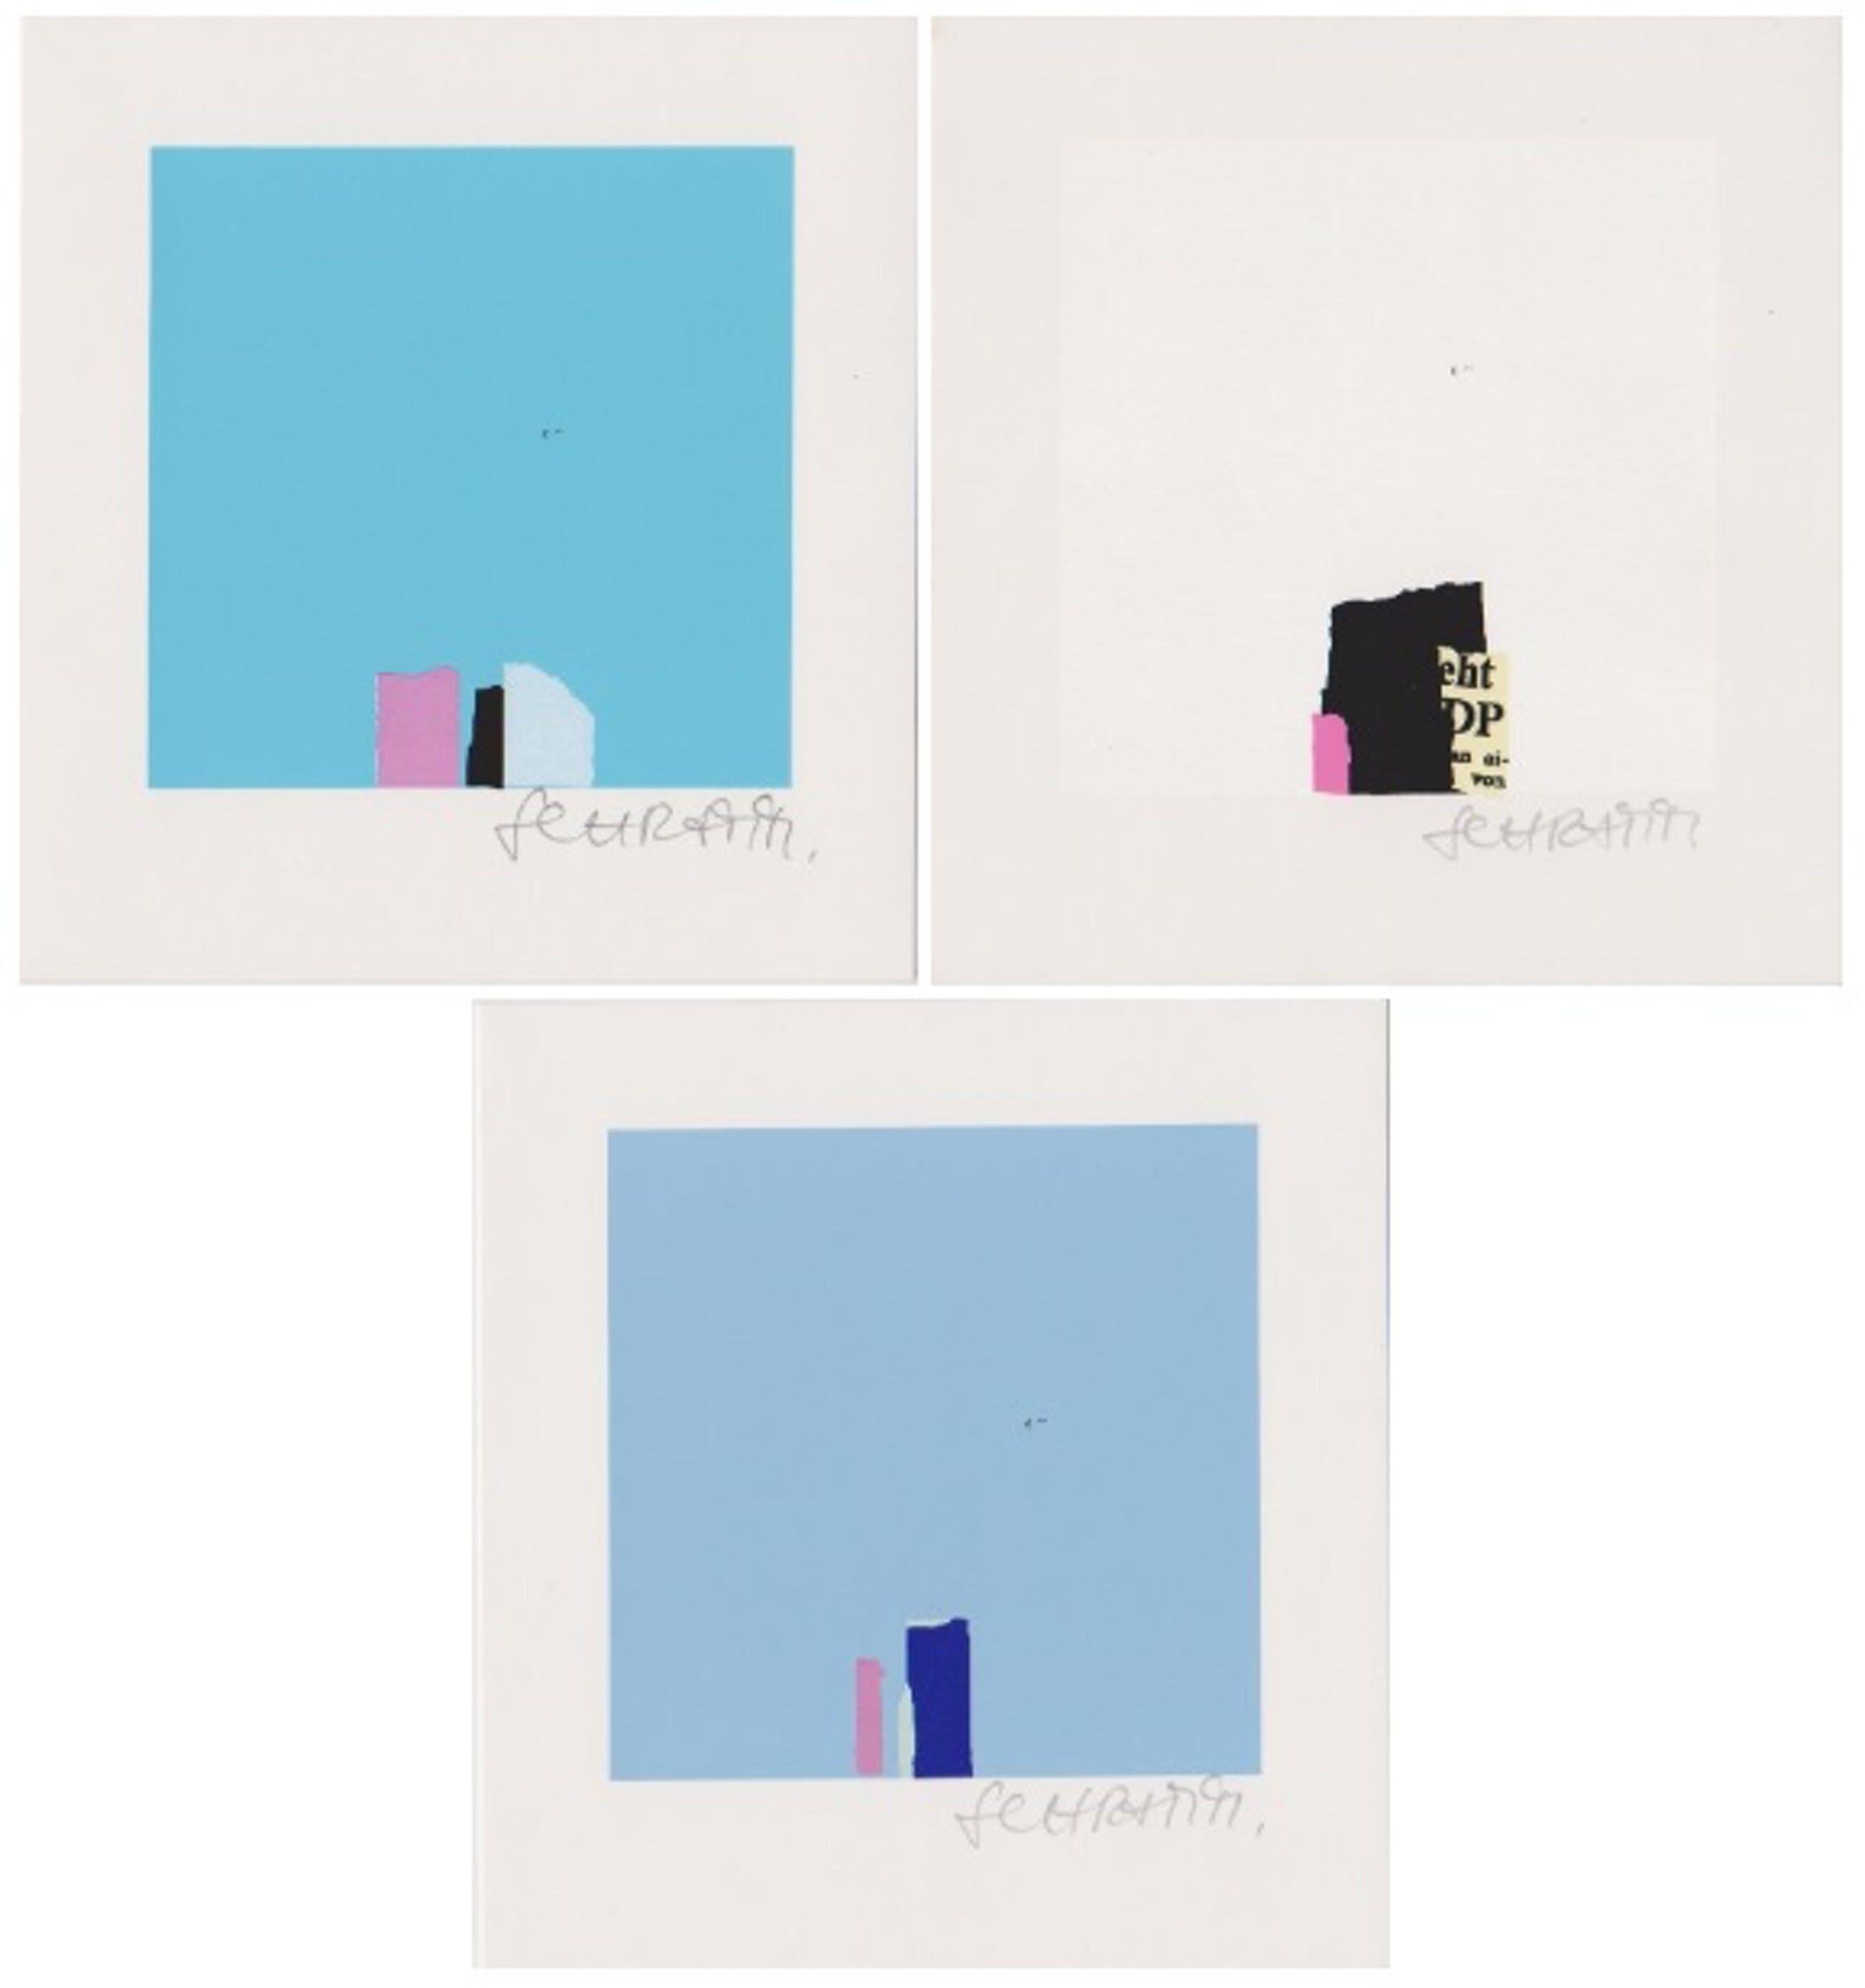 Bodo Schramm - Drie handgesigneerde zeefdrukken: Abstracte Composities I, II, III kopen? Bied vanaf 35!